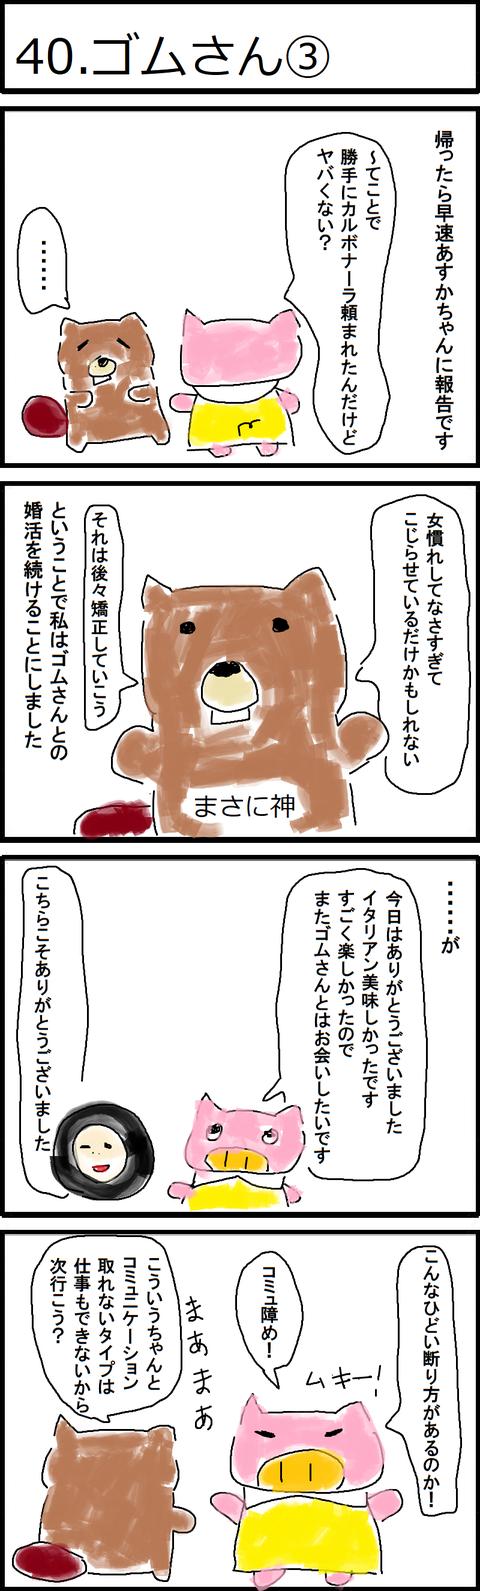 40.ゴムさん③